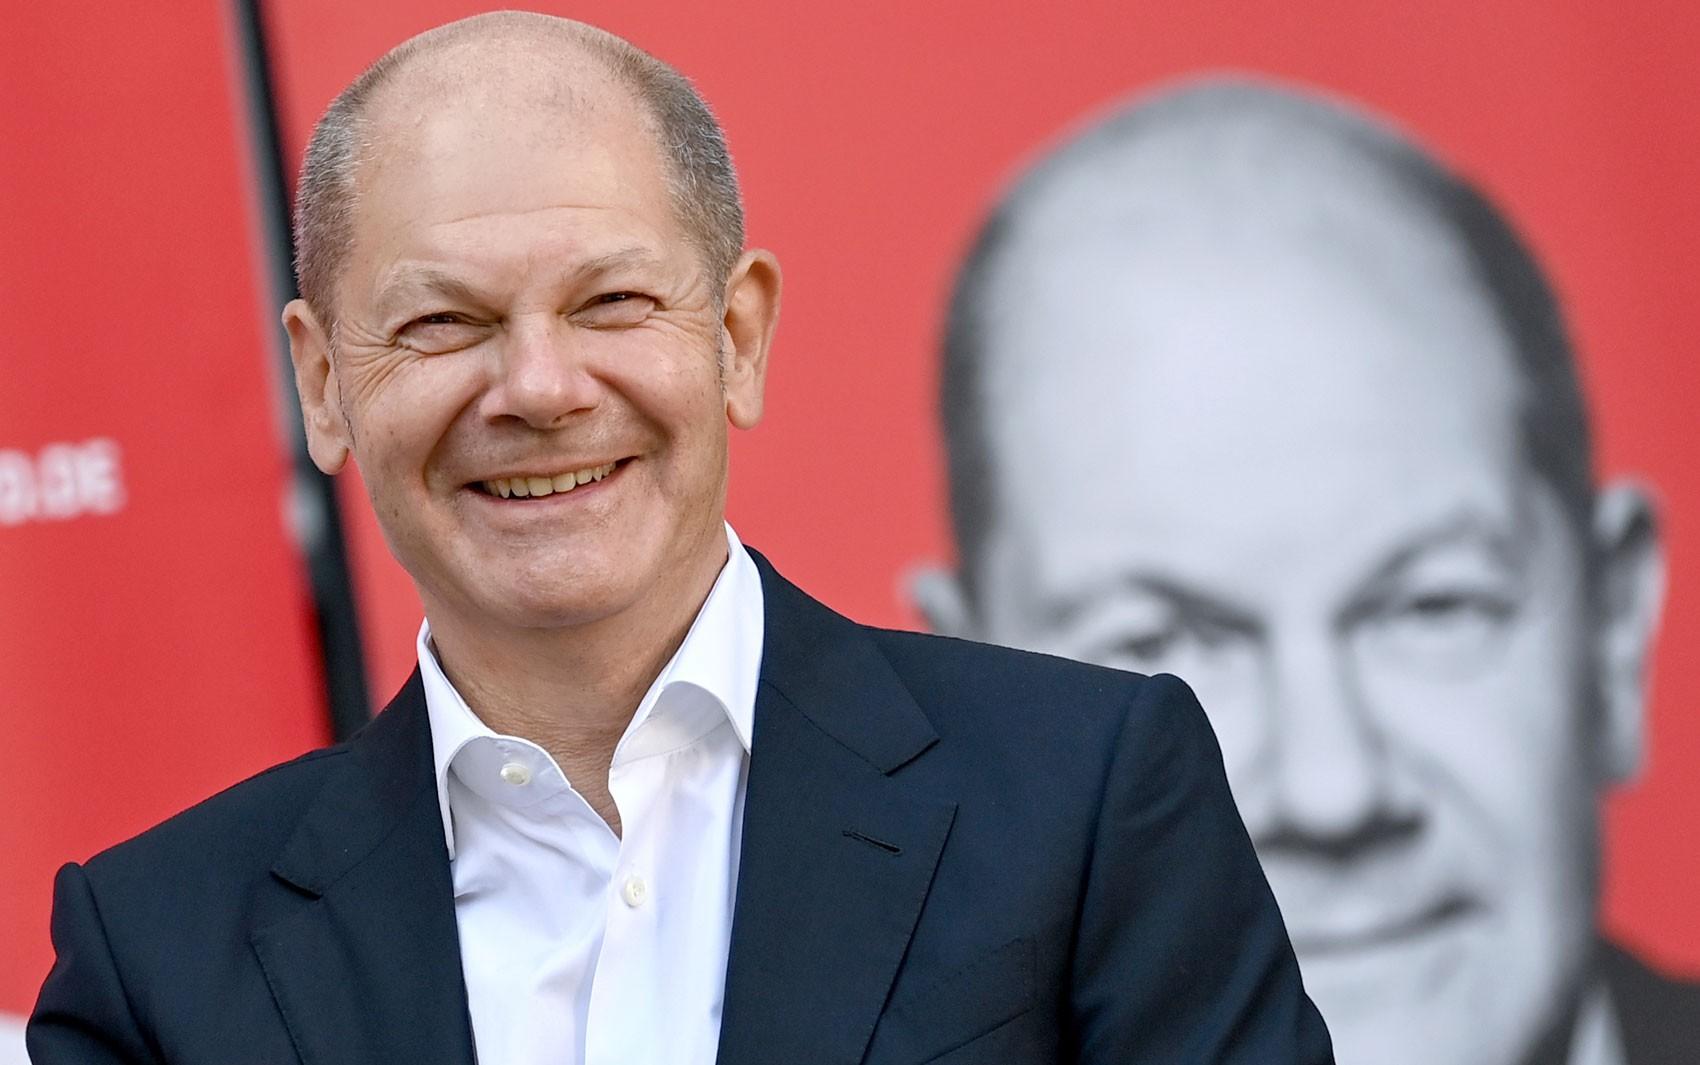 Eleições na Alemanha: veja perfil de Olaf Scholz, favorito em pesquisas a substituir Angela Merkel